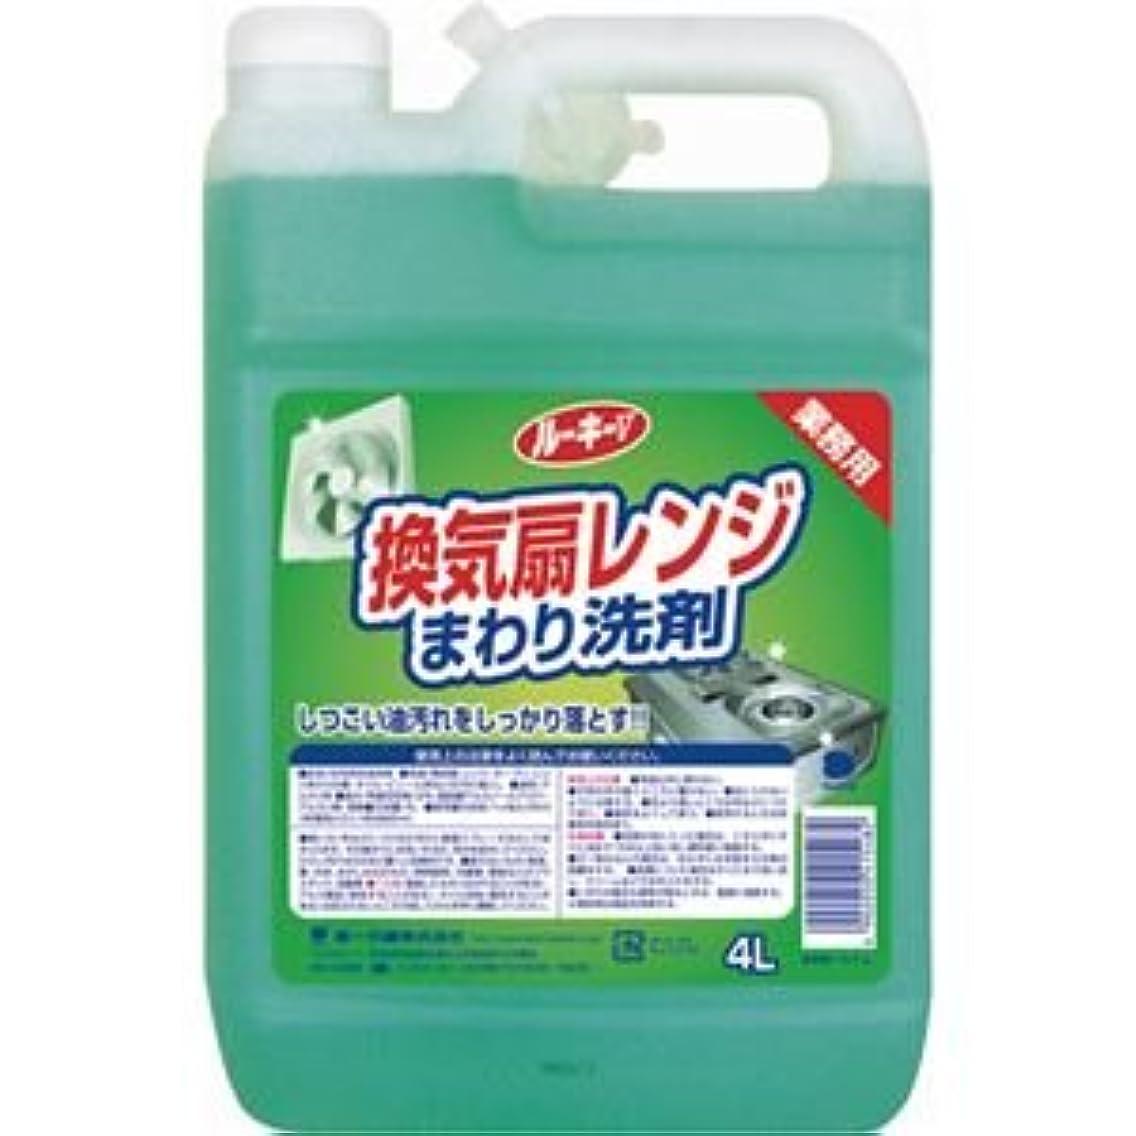 ヨーロッパ検証クスコ(まとめ) 第一石鹸 ルーキー 換気扇レンジクリーナー 業務用 4L 1本 【×5セット】